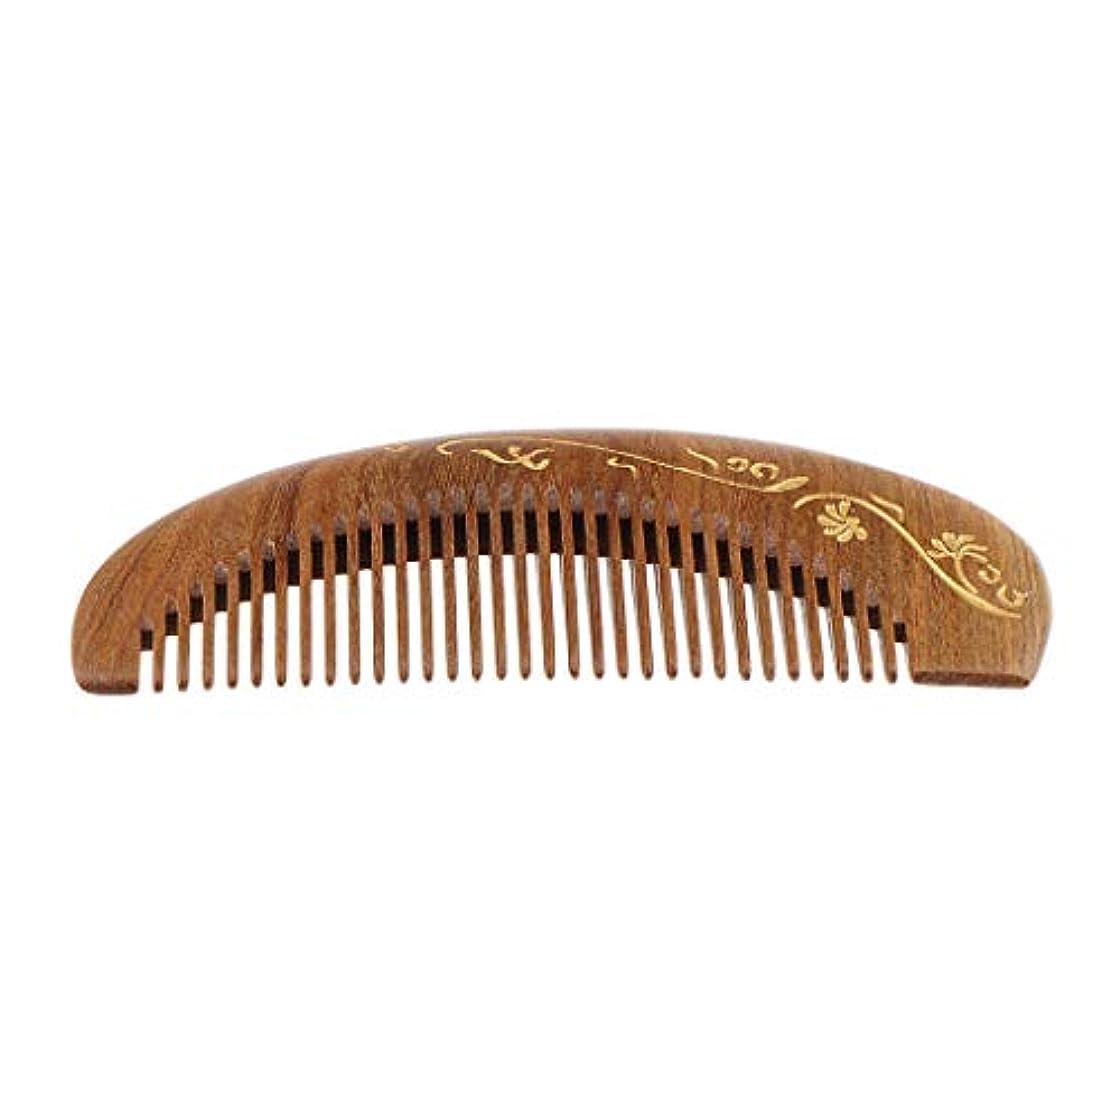 主張致命的チロ木製ヘアコーム 静電気防止櫛 ヘアサロン 広い歯 マッサージ櫛 4仕様選べ - #2